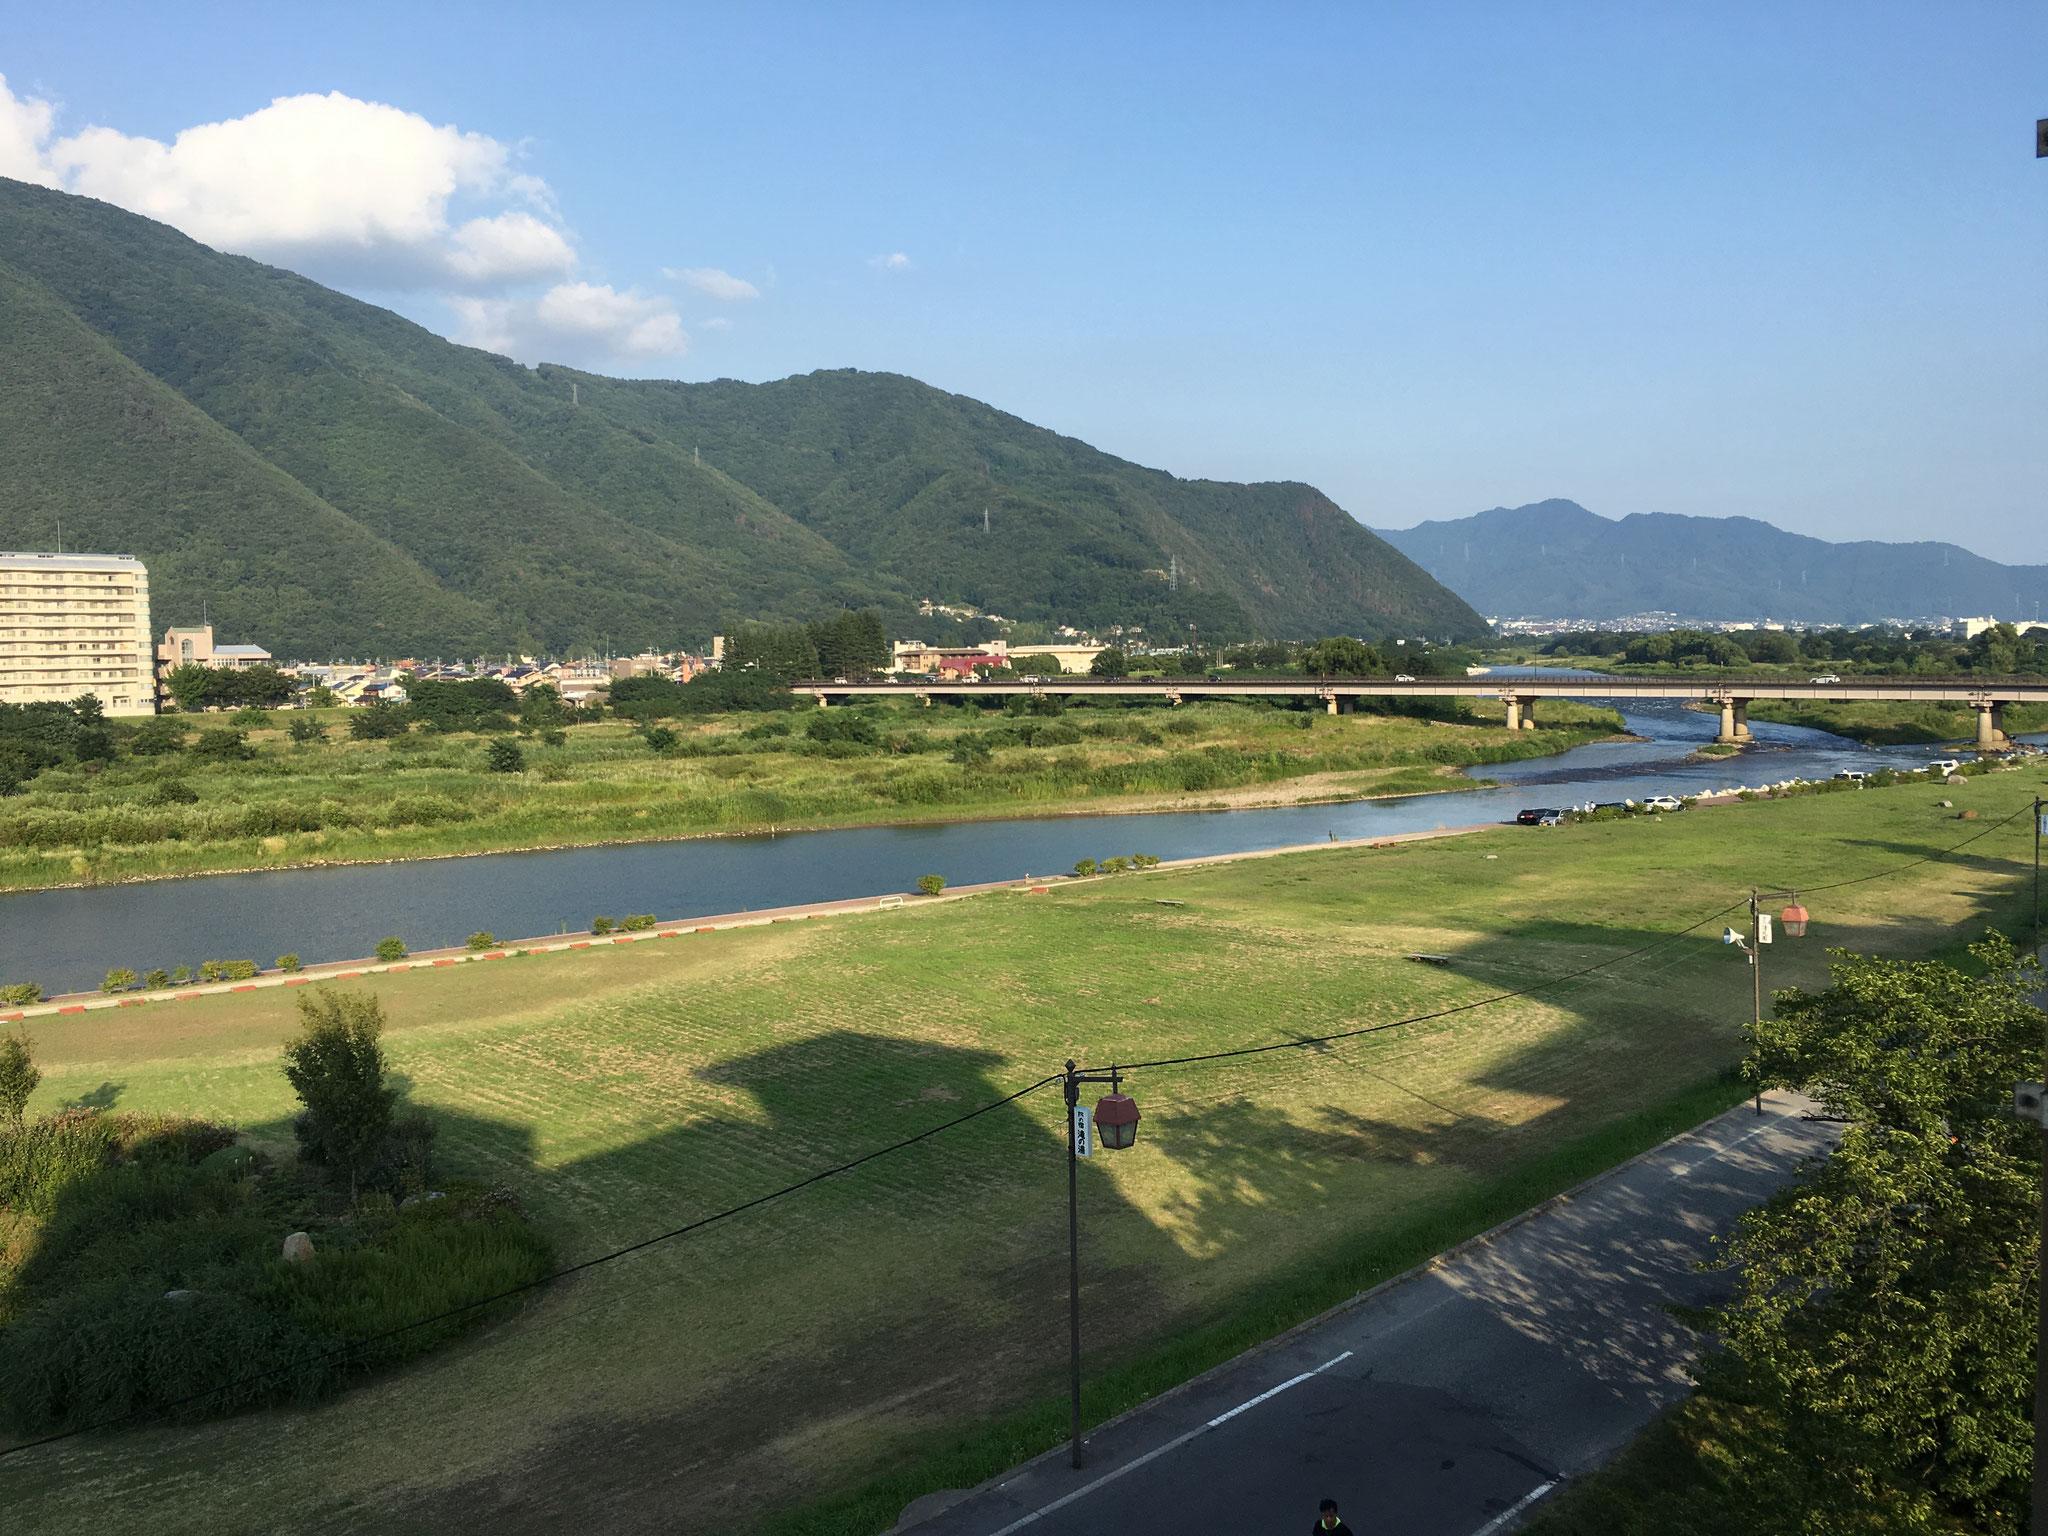 千曲川。日本最長河川である信濃川の長野県内での呼称。  信濃川の6割を占めます。大変美しい眺めです。